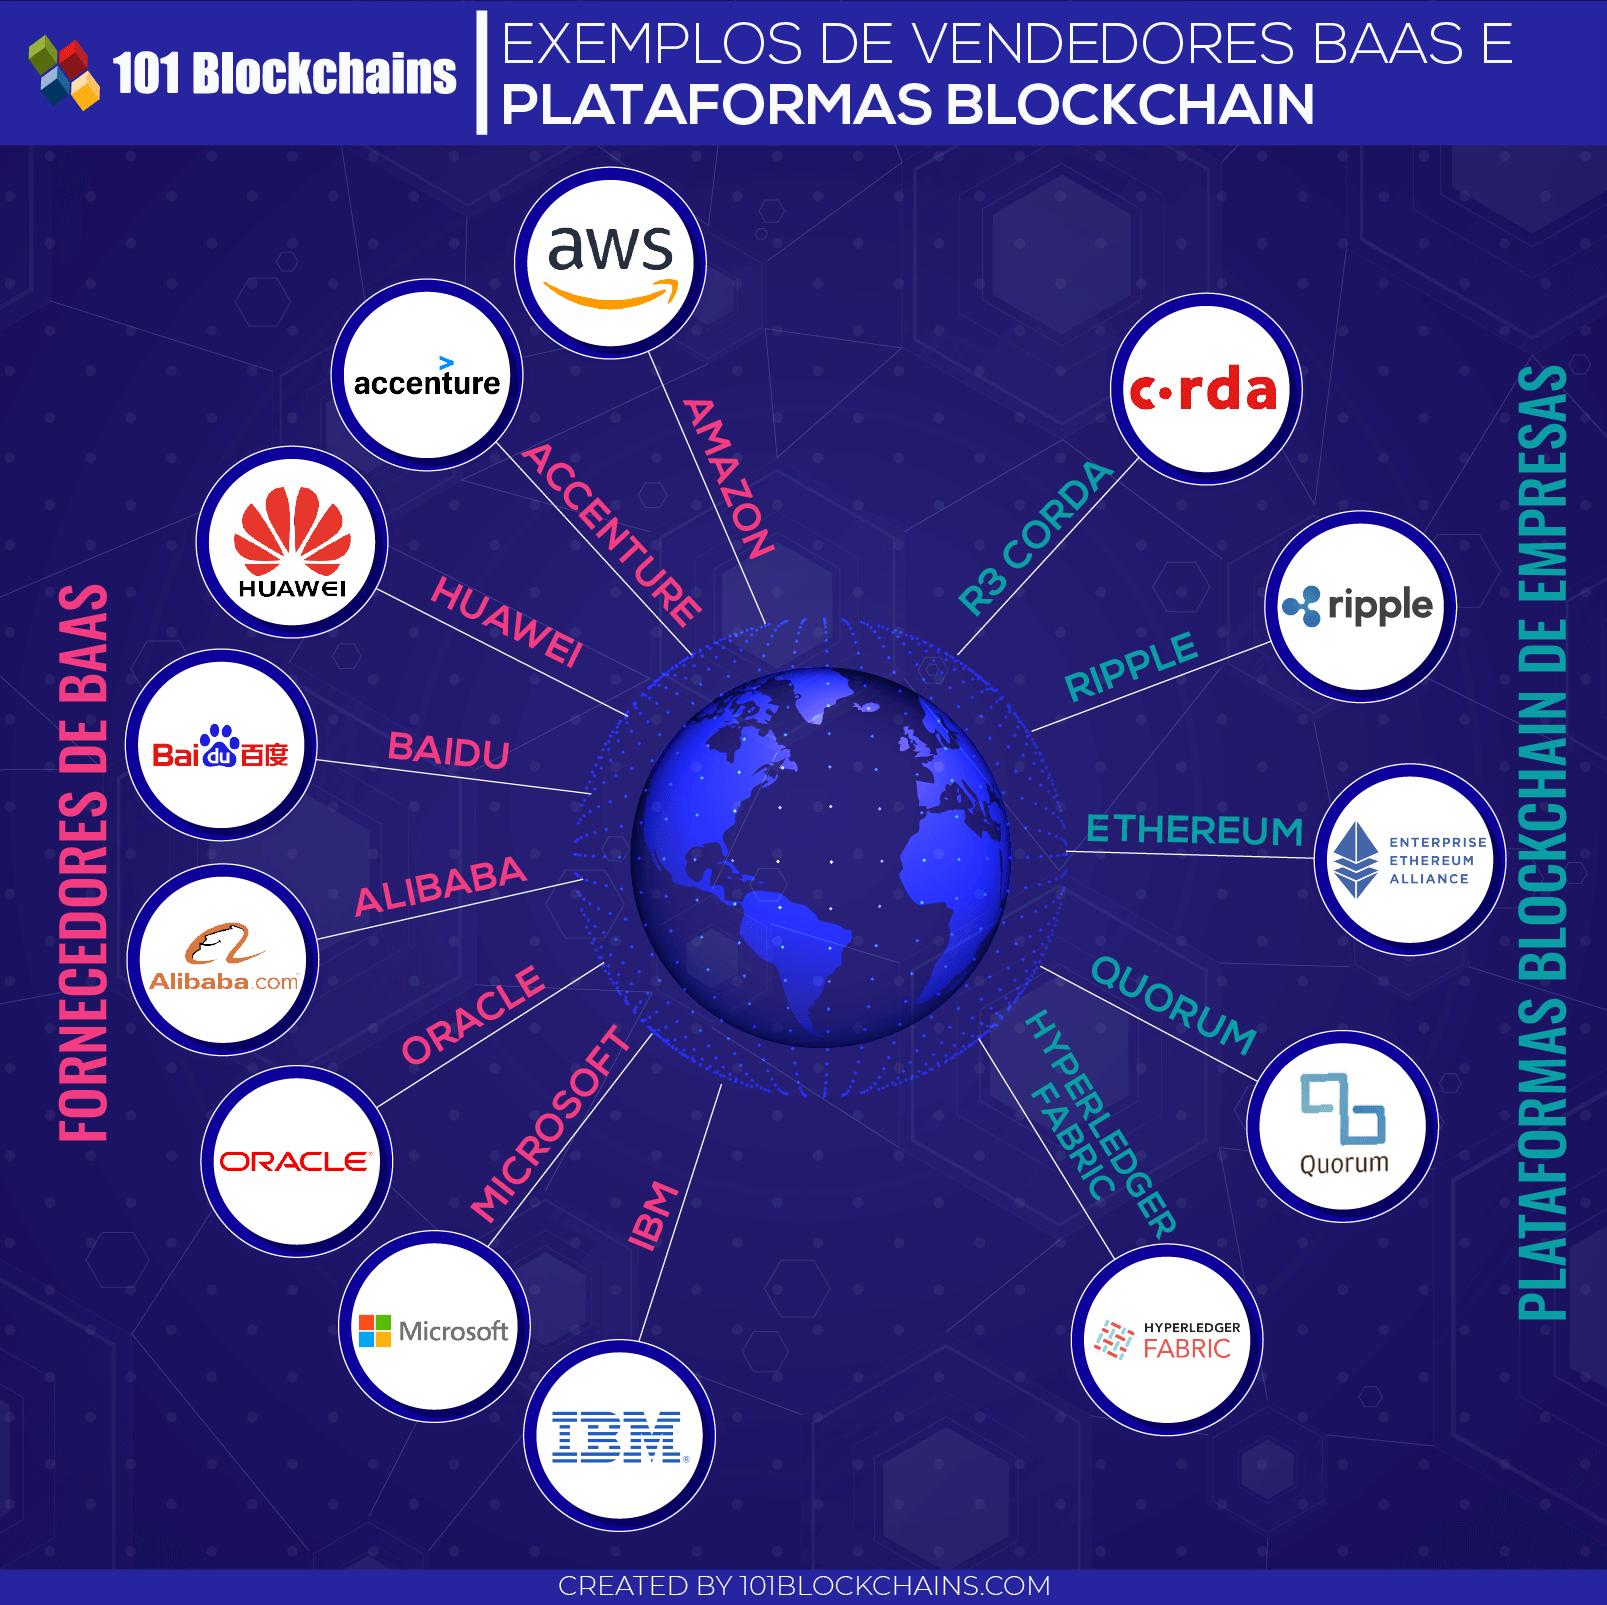 Exemplos de Vendedores BAAS e Plataformas Blockchain